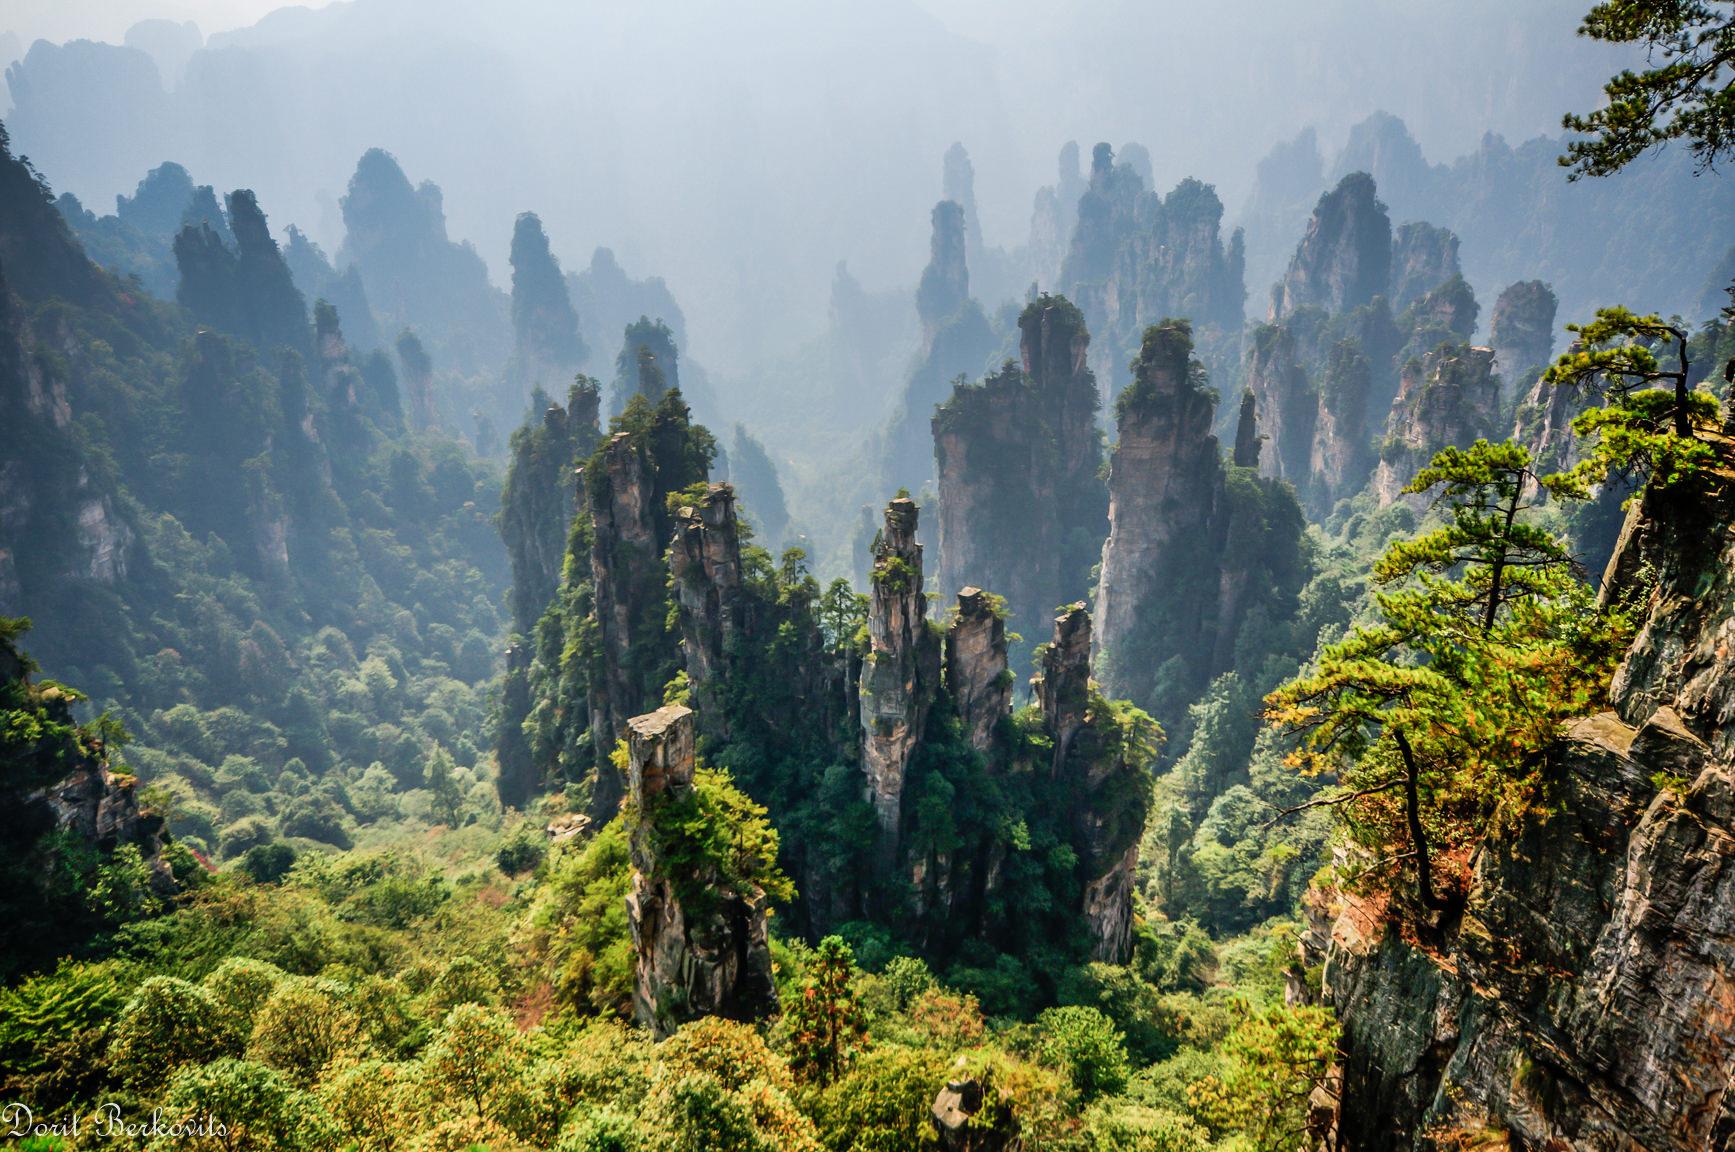 נוף מהסרטים בדז'אנג-ג'יה-ג'יה (צילום: דורית ברקוביץ)